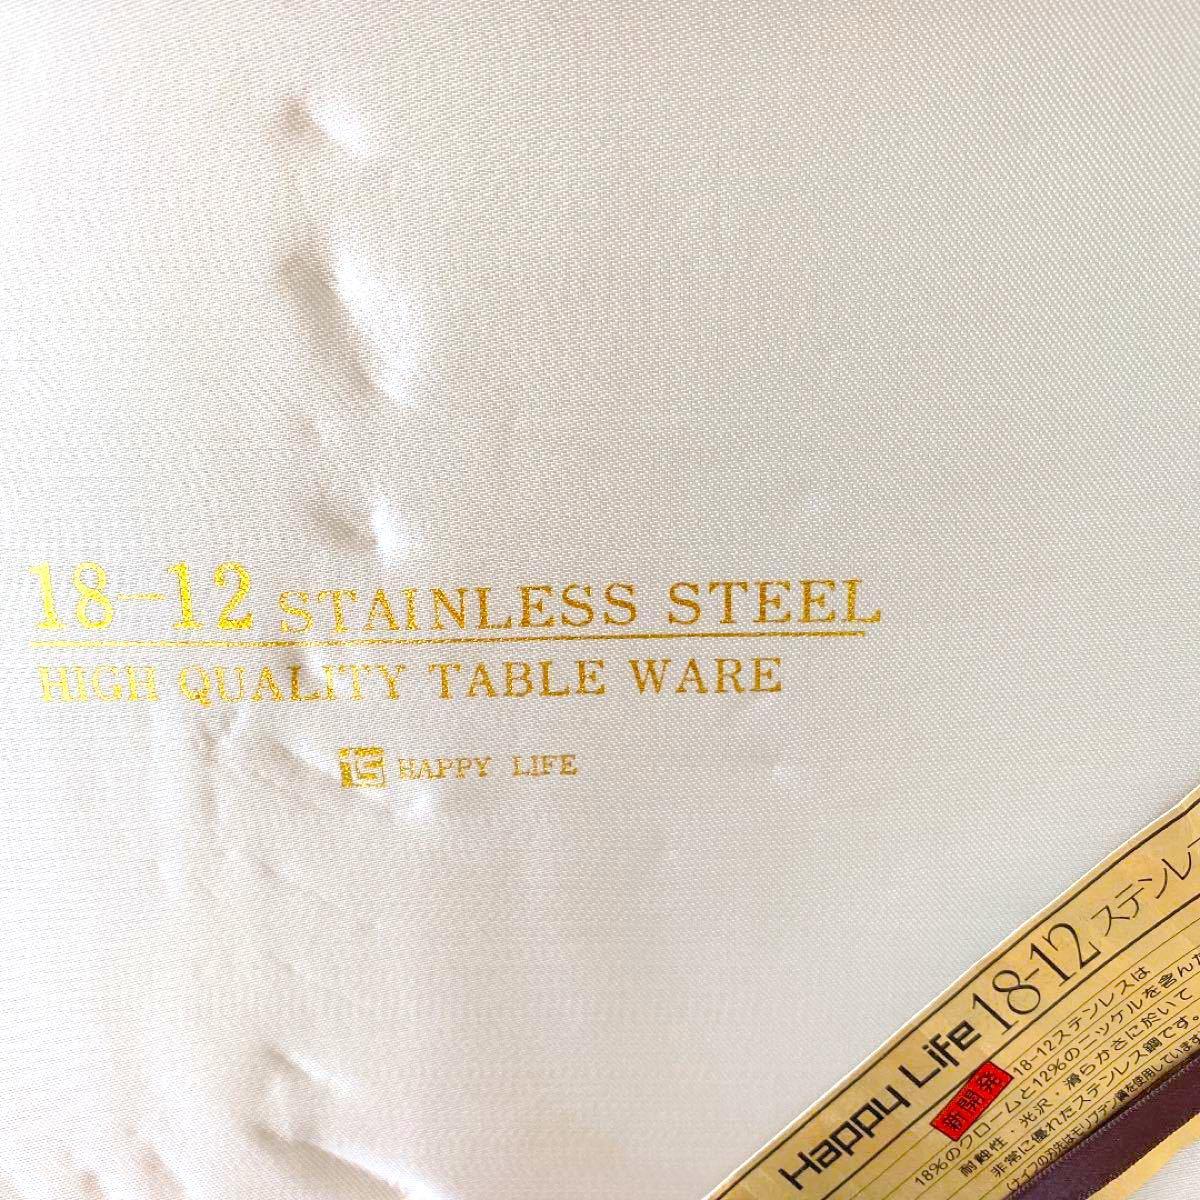 カトラリーセット スプーン3種類 計15本 新品